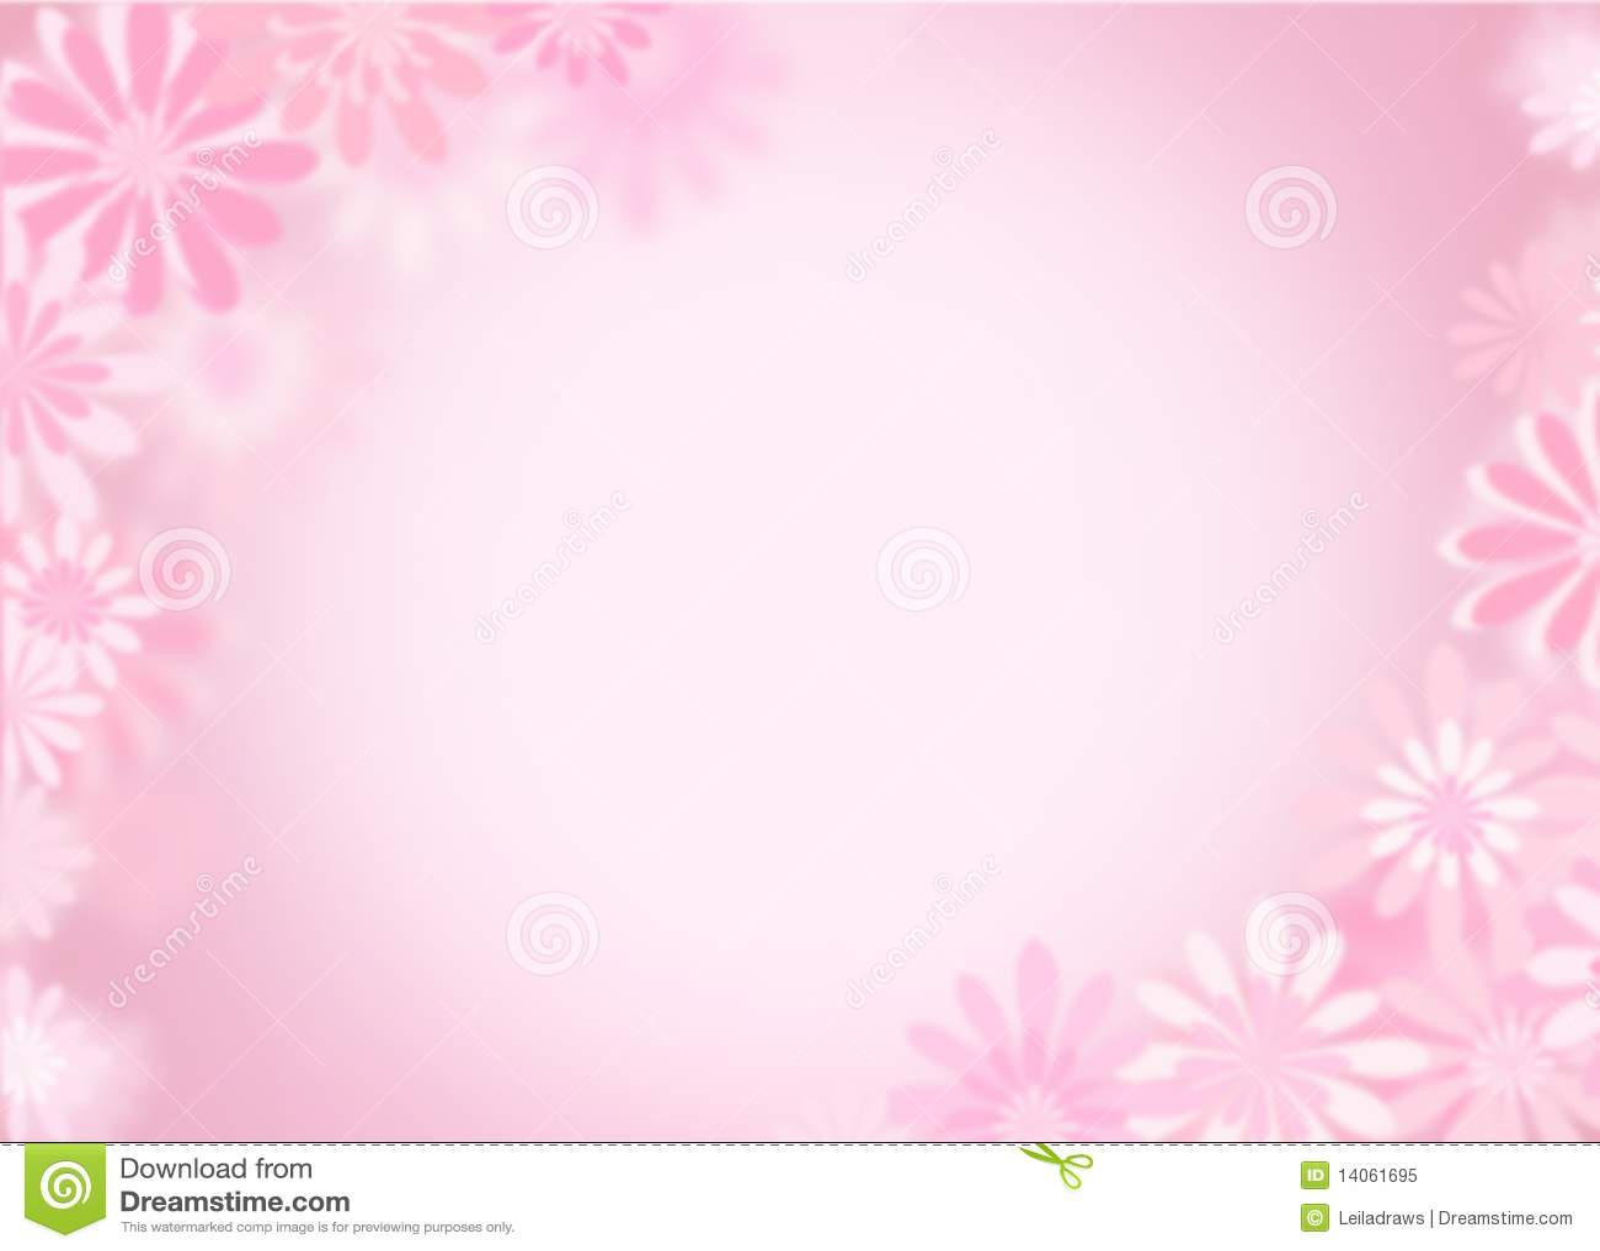 Rosafarbener Hintergrund Stock Abbildung Illustration Von